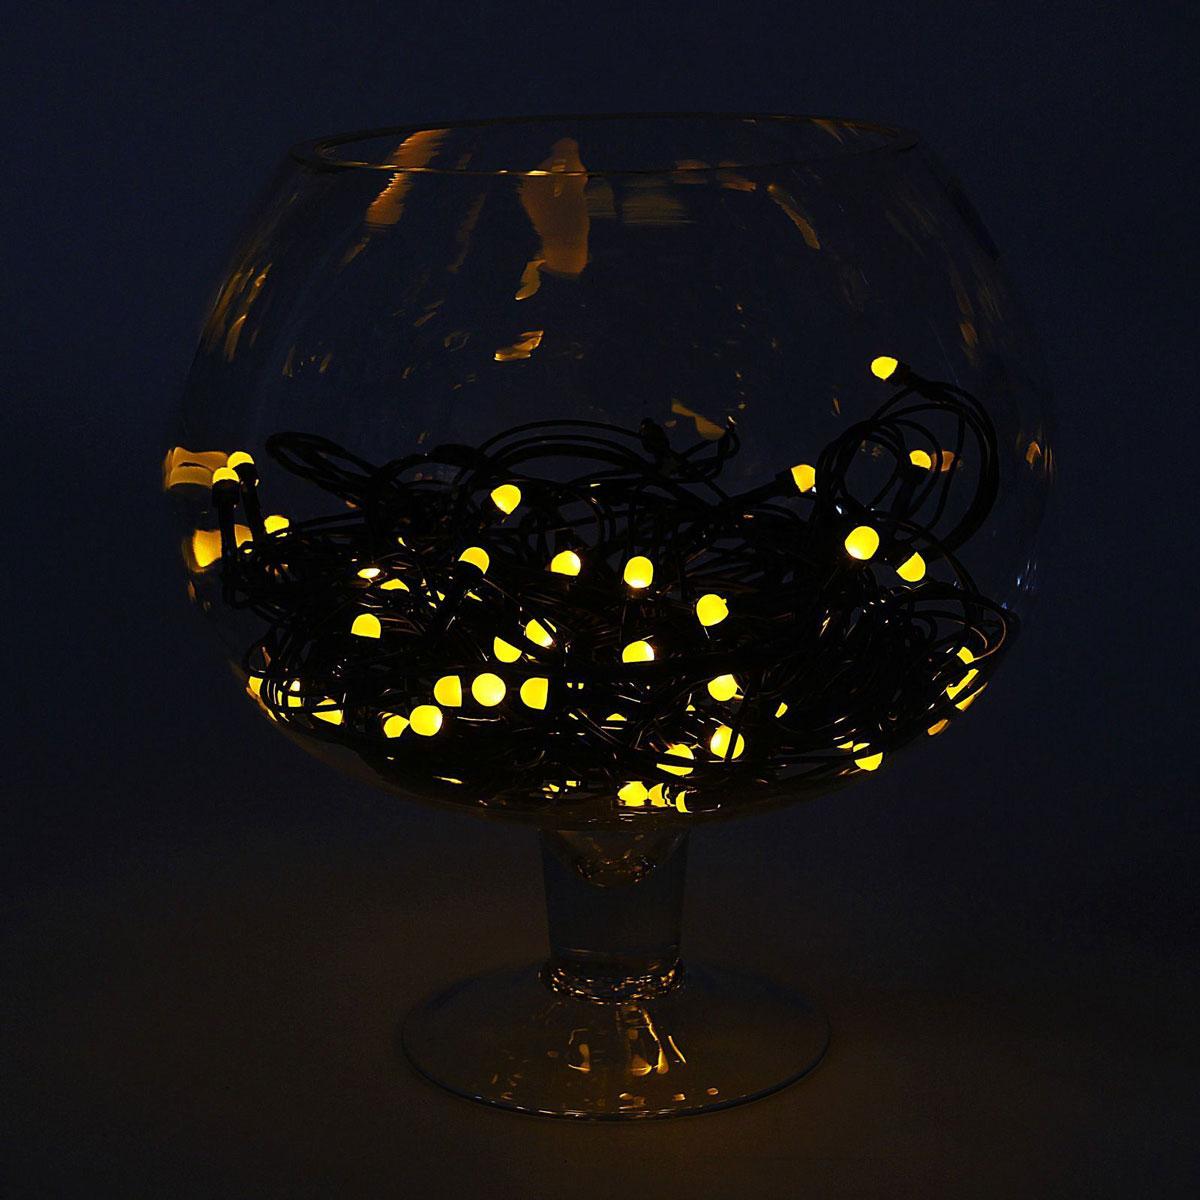 Гирлянда светодиодная Luazon Метраж, уличная, 8 режимов, 200 ламп, 220 V, 20 м, цвет: желтый. 10805751080575Светодиодные гирлянды, ленты и т.д. — это отличный вариант для новогоднего оформления интерьера или фасада. С их помощью помещение любого размера можно превратить в праздничный зал, а внешние элементы зданий, украшенные ими, мгновенно станут напоминать очертания сказочного дворца. Такие украшения создают ауру предвкушения чуда. Деревья, фасады, витрины, окна и арки будто специально созданы, чтобы вы украсили их светящимися нитями.